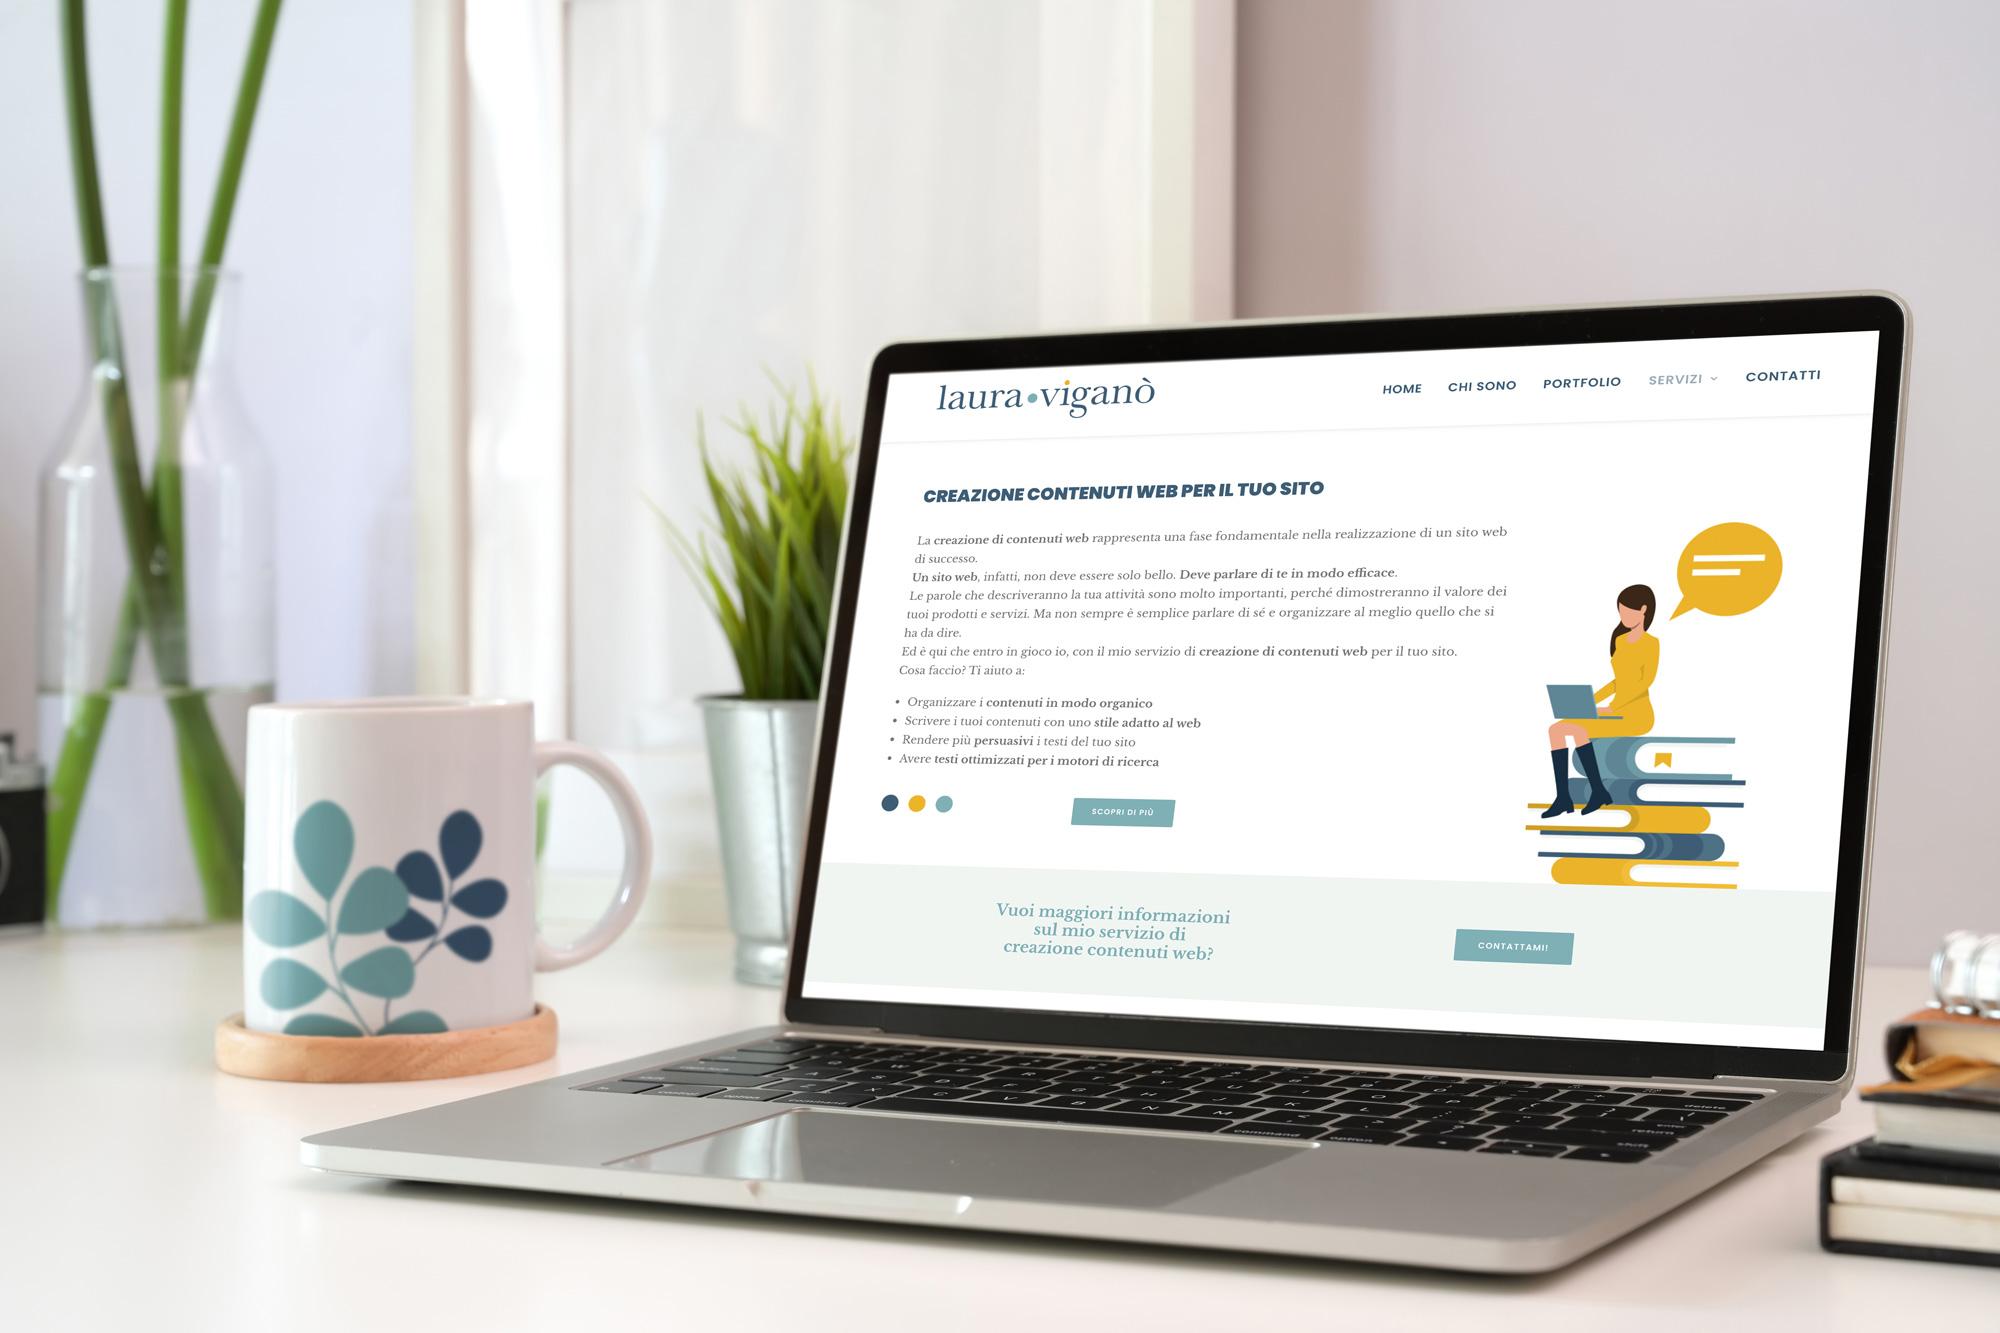 computer che visualizza disegno su una pagina del sito Laura Viganò Sitiecontenuti